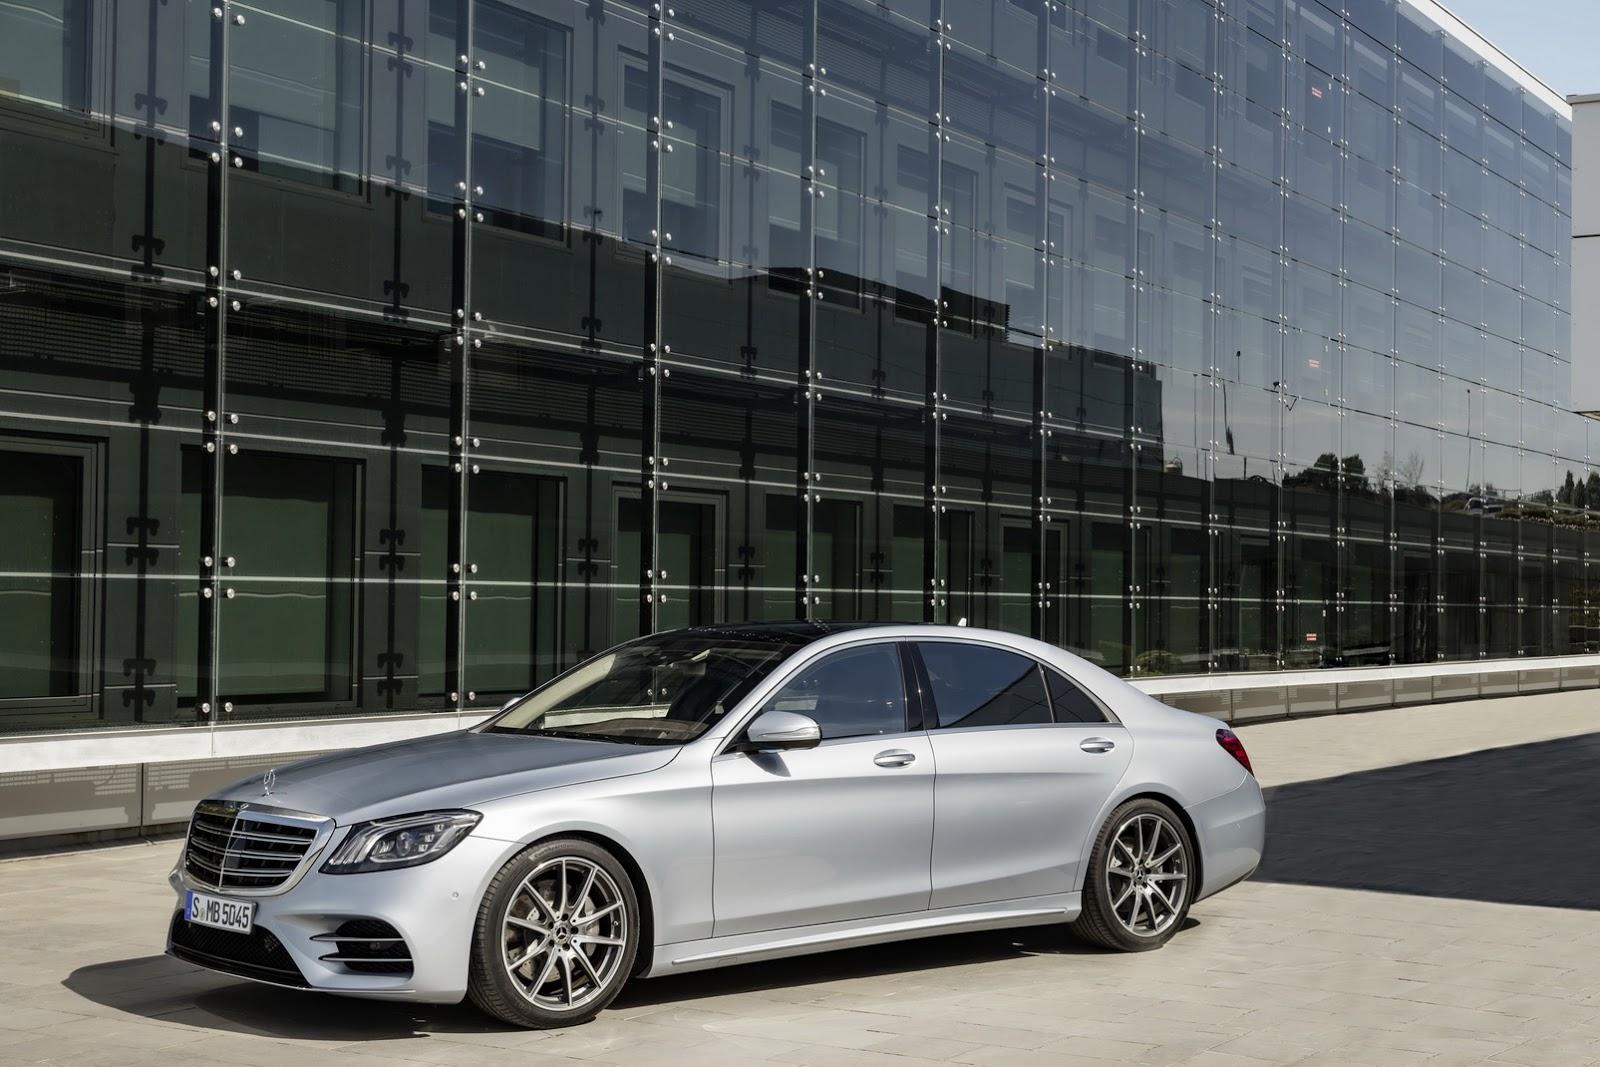 Mercedes s class to get level 3 autonomous driving for Mercedes benz autonomous driving